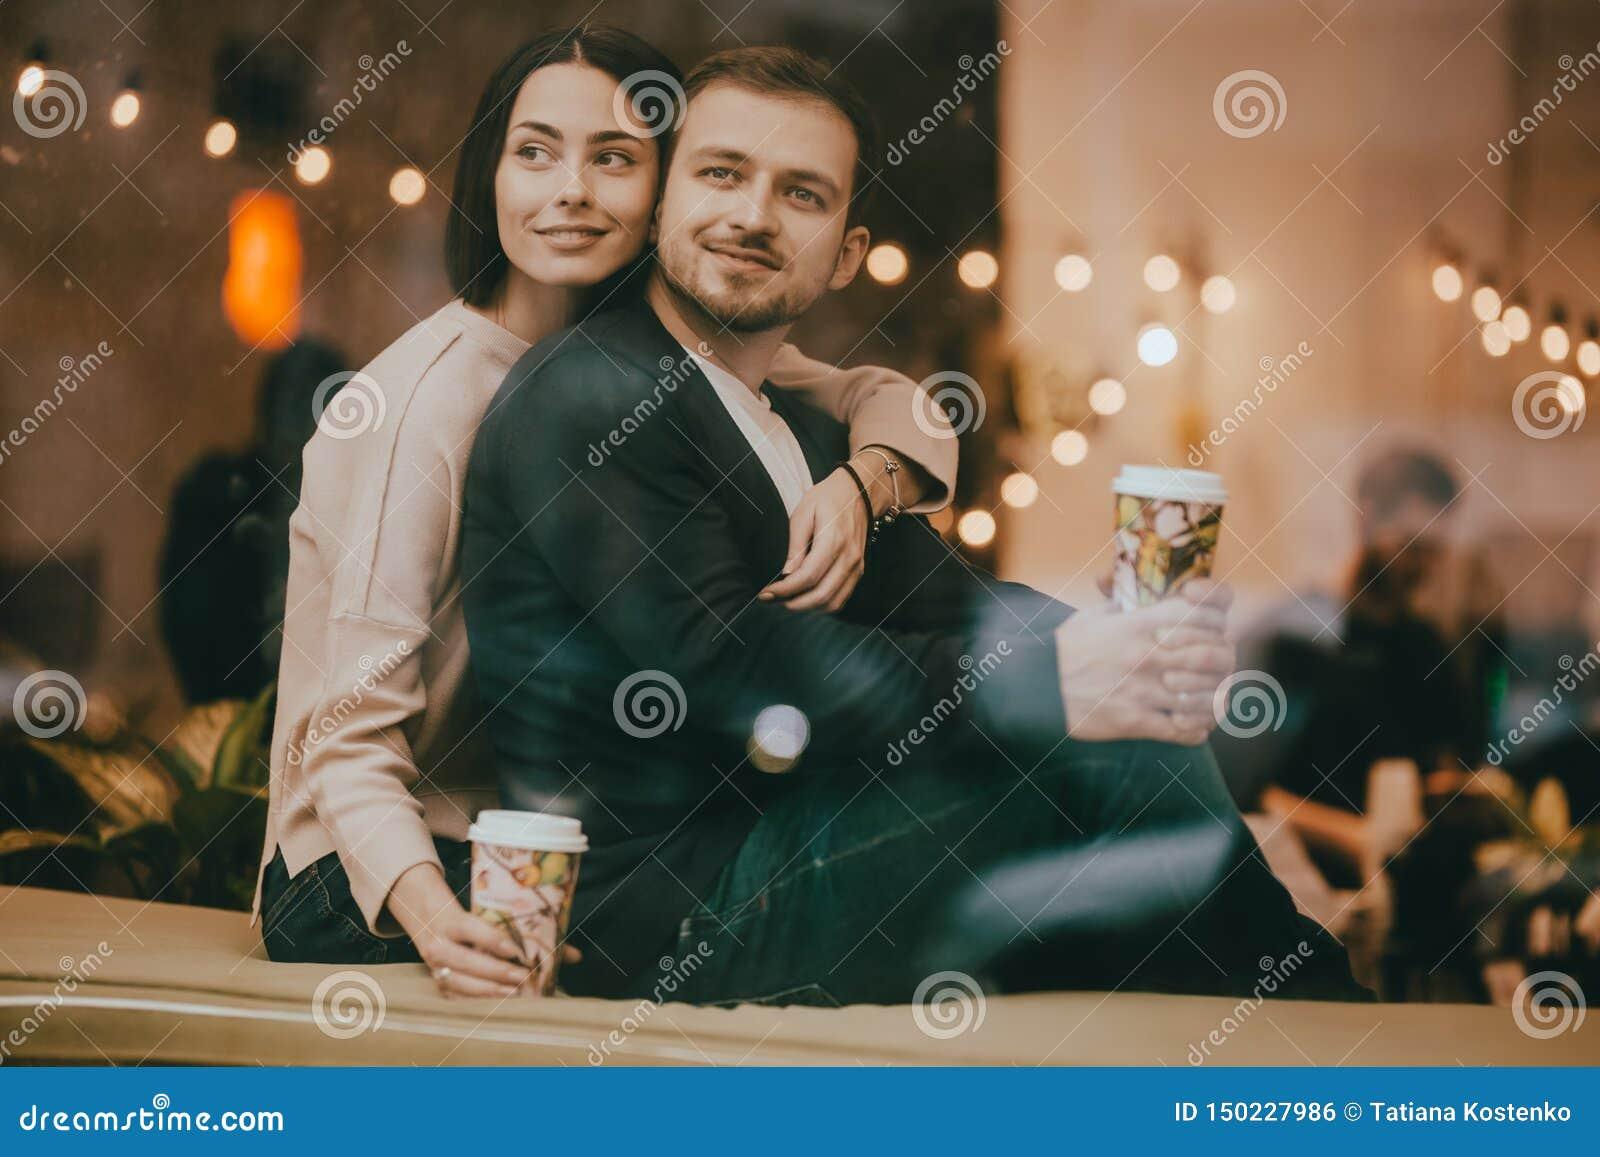 爱的人和女孩拥抱坐在一个浪漫咖啡馆的窗台